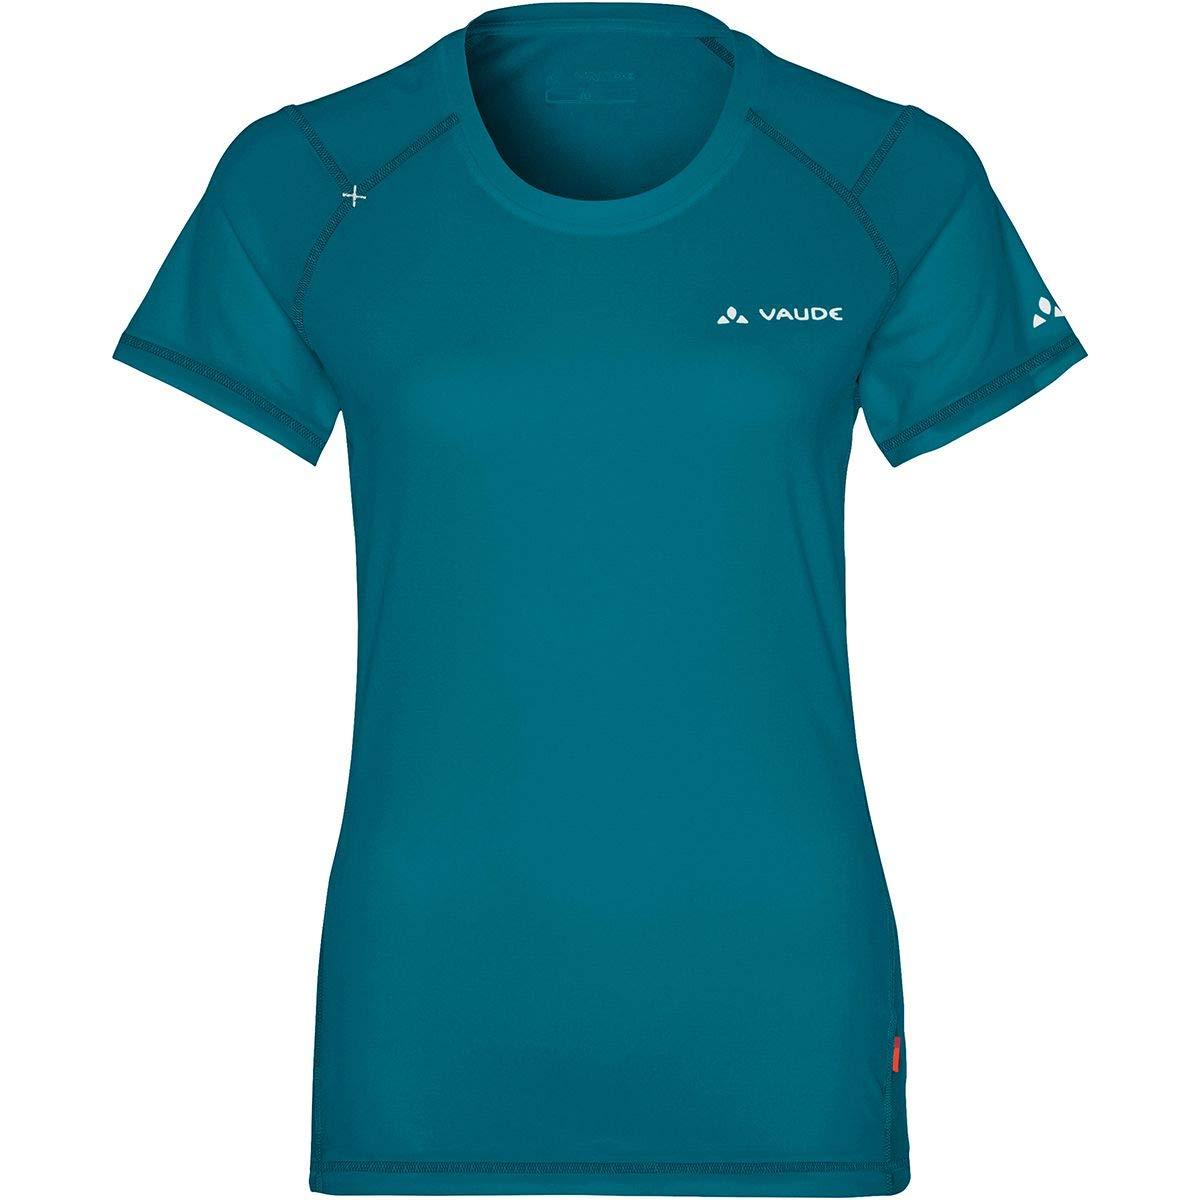 VAUDE Damen T-shirt Women's Hallett 4450110